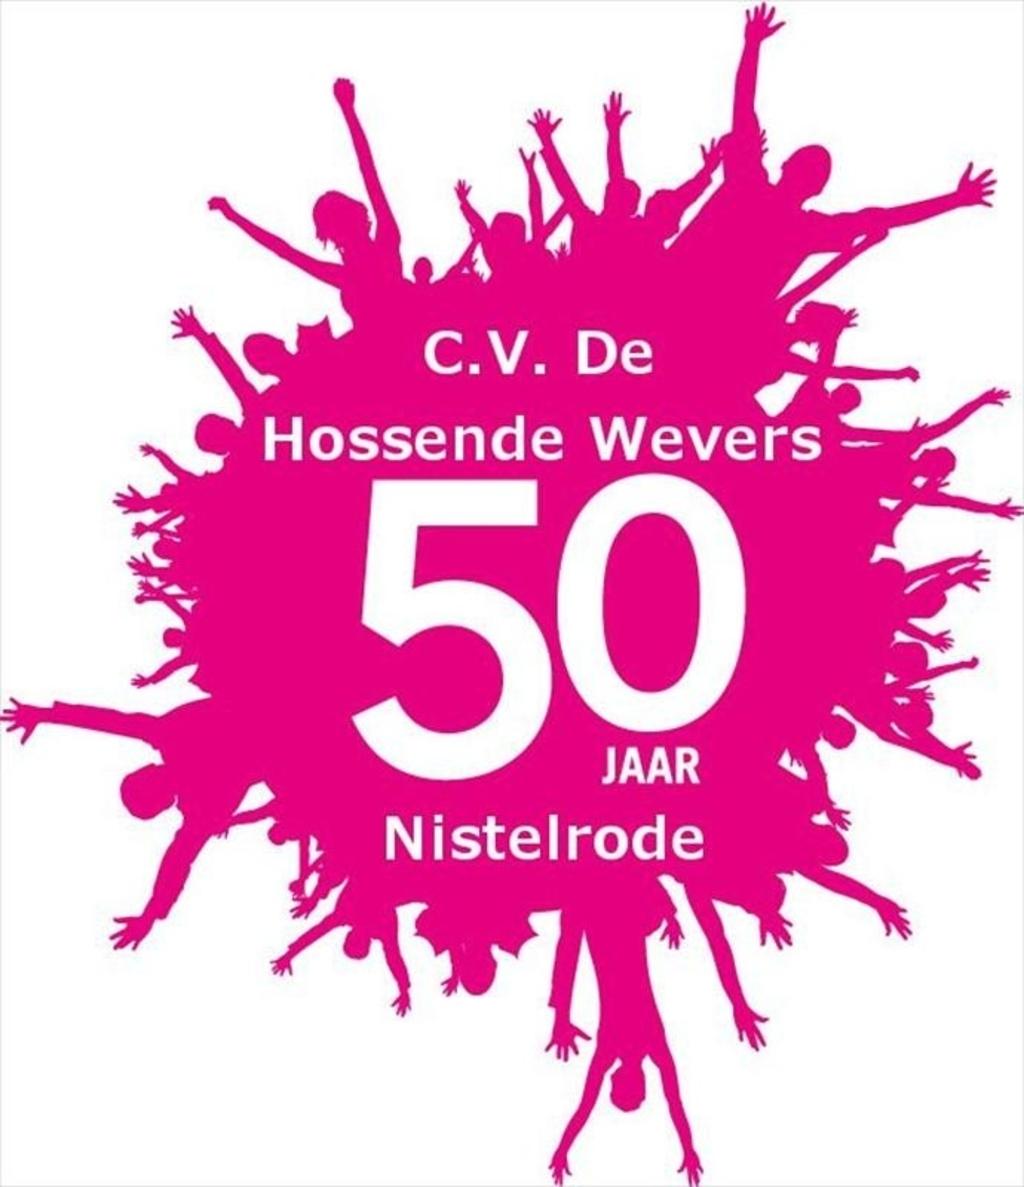 C.V. De Hossende Wevers vieren Carnaval  Foto:  © mooibernheze